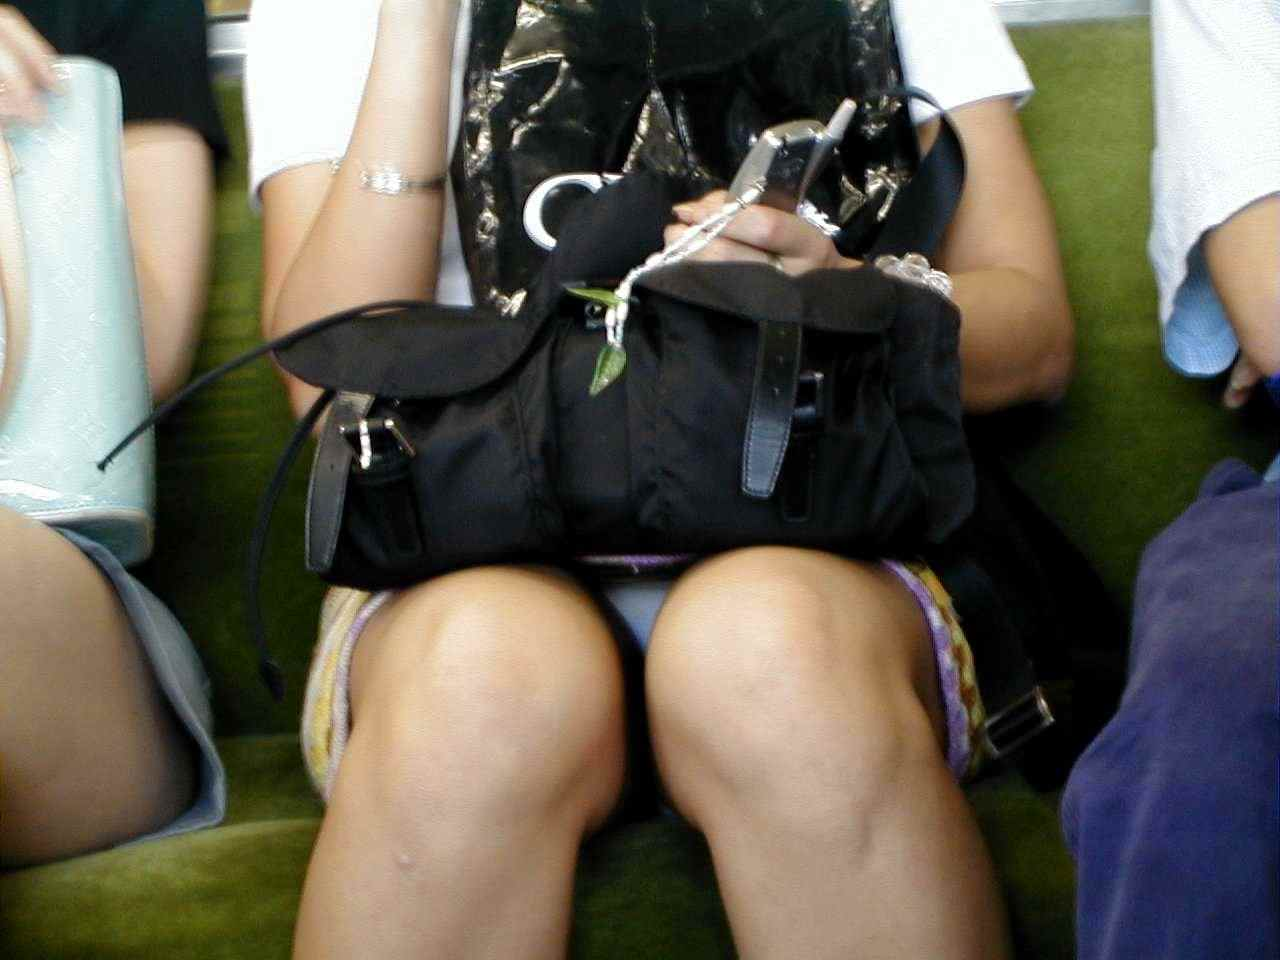 電車内で秘密のトライアングルに捉えた素人のいやらしいパンチラエロ画像 2648